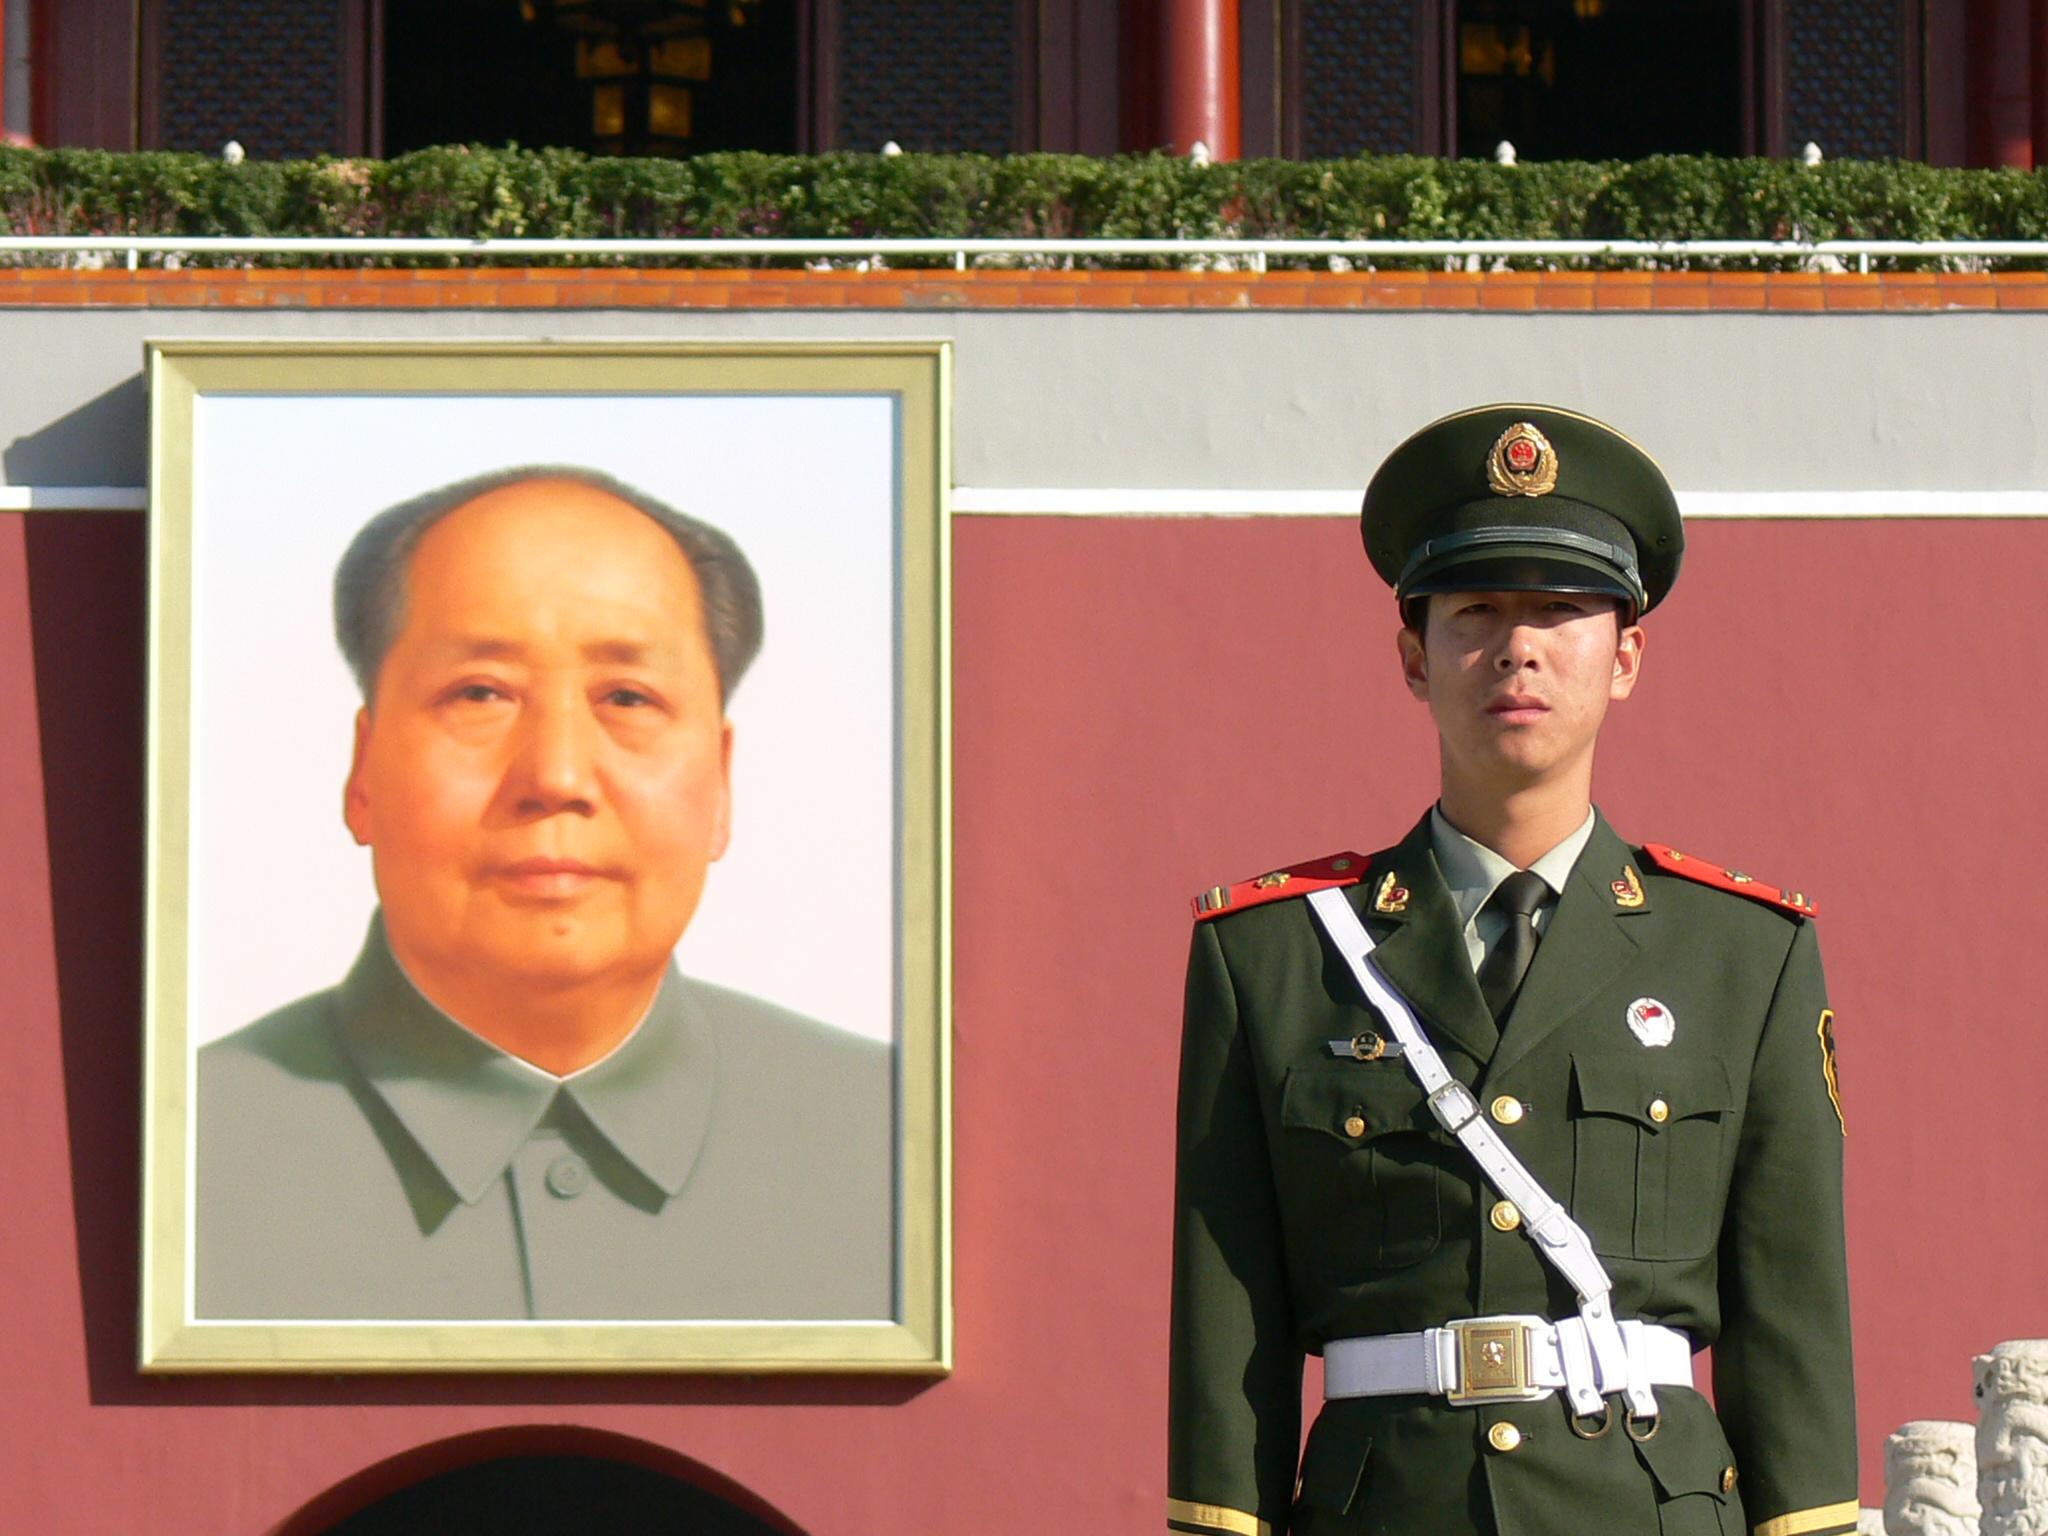 The_portrait_of_Mao_Zedong.jpg